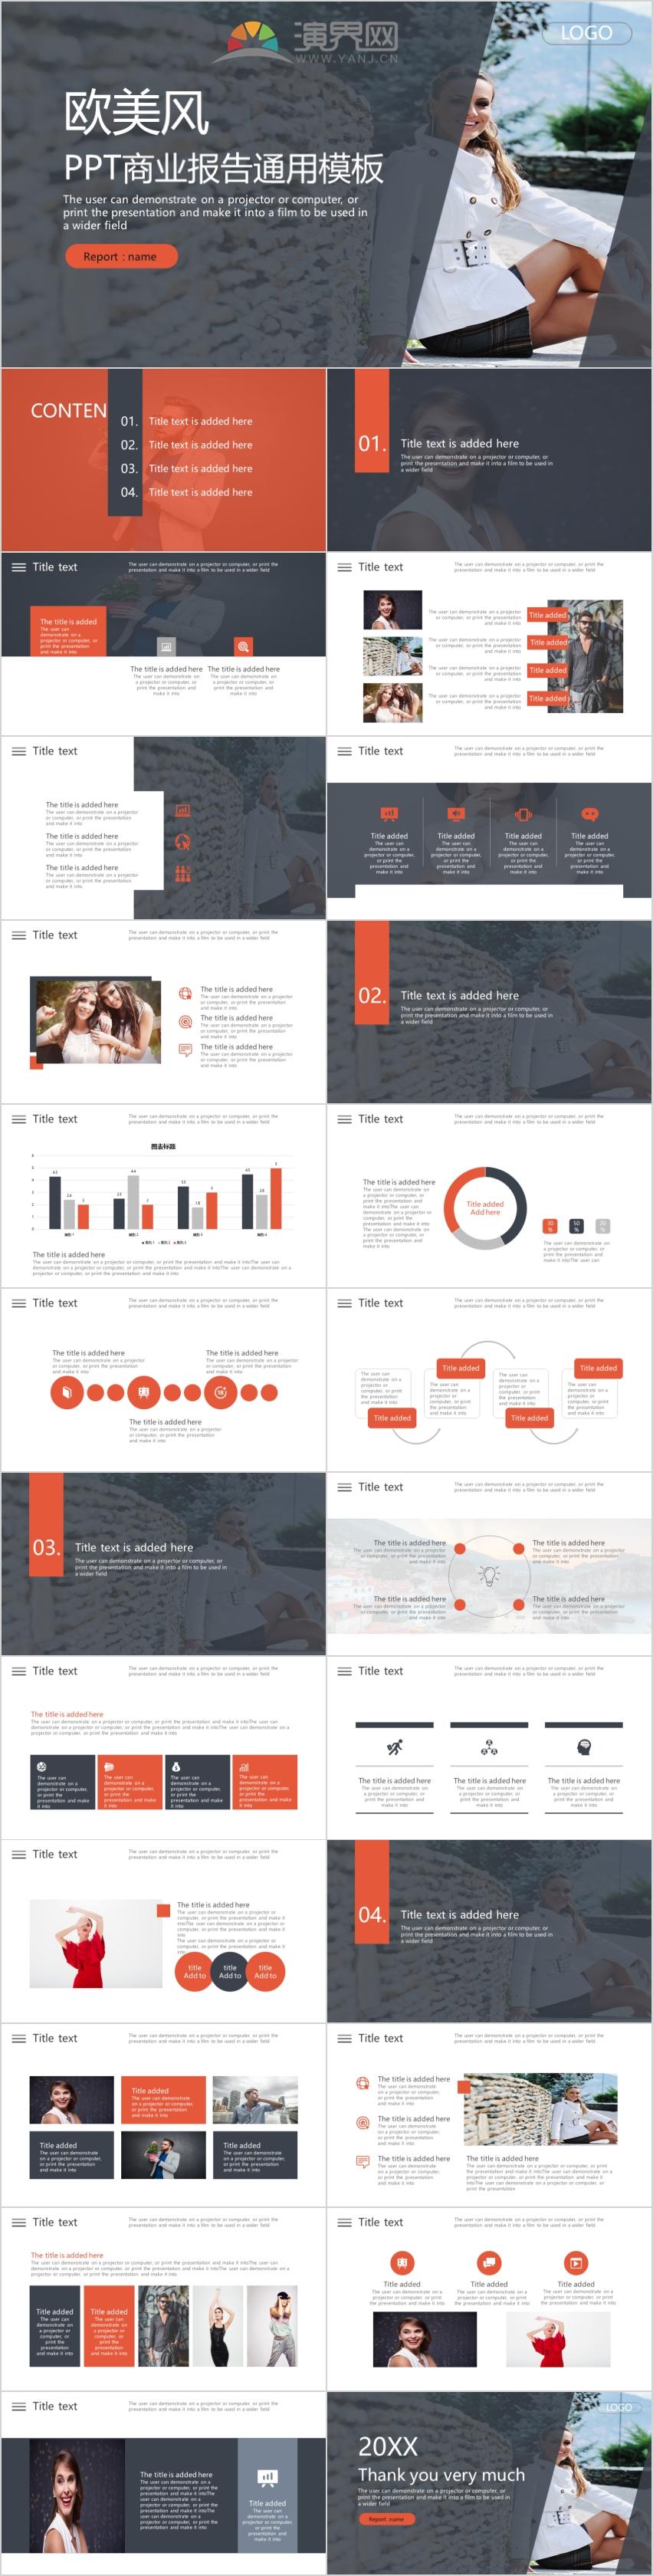 欧美风格商业计划书商业报告工作总结产品营销PPT模板